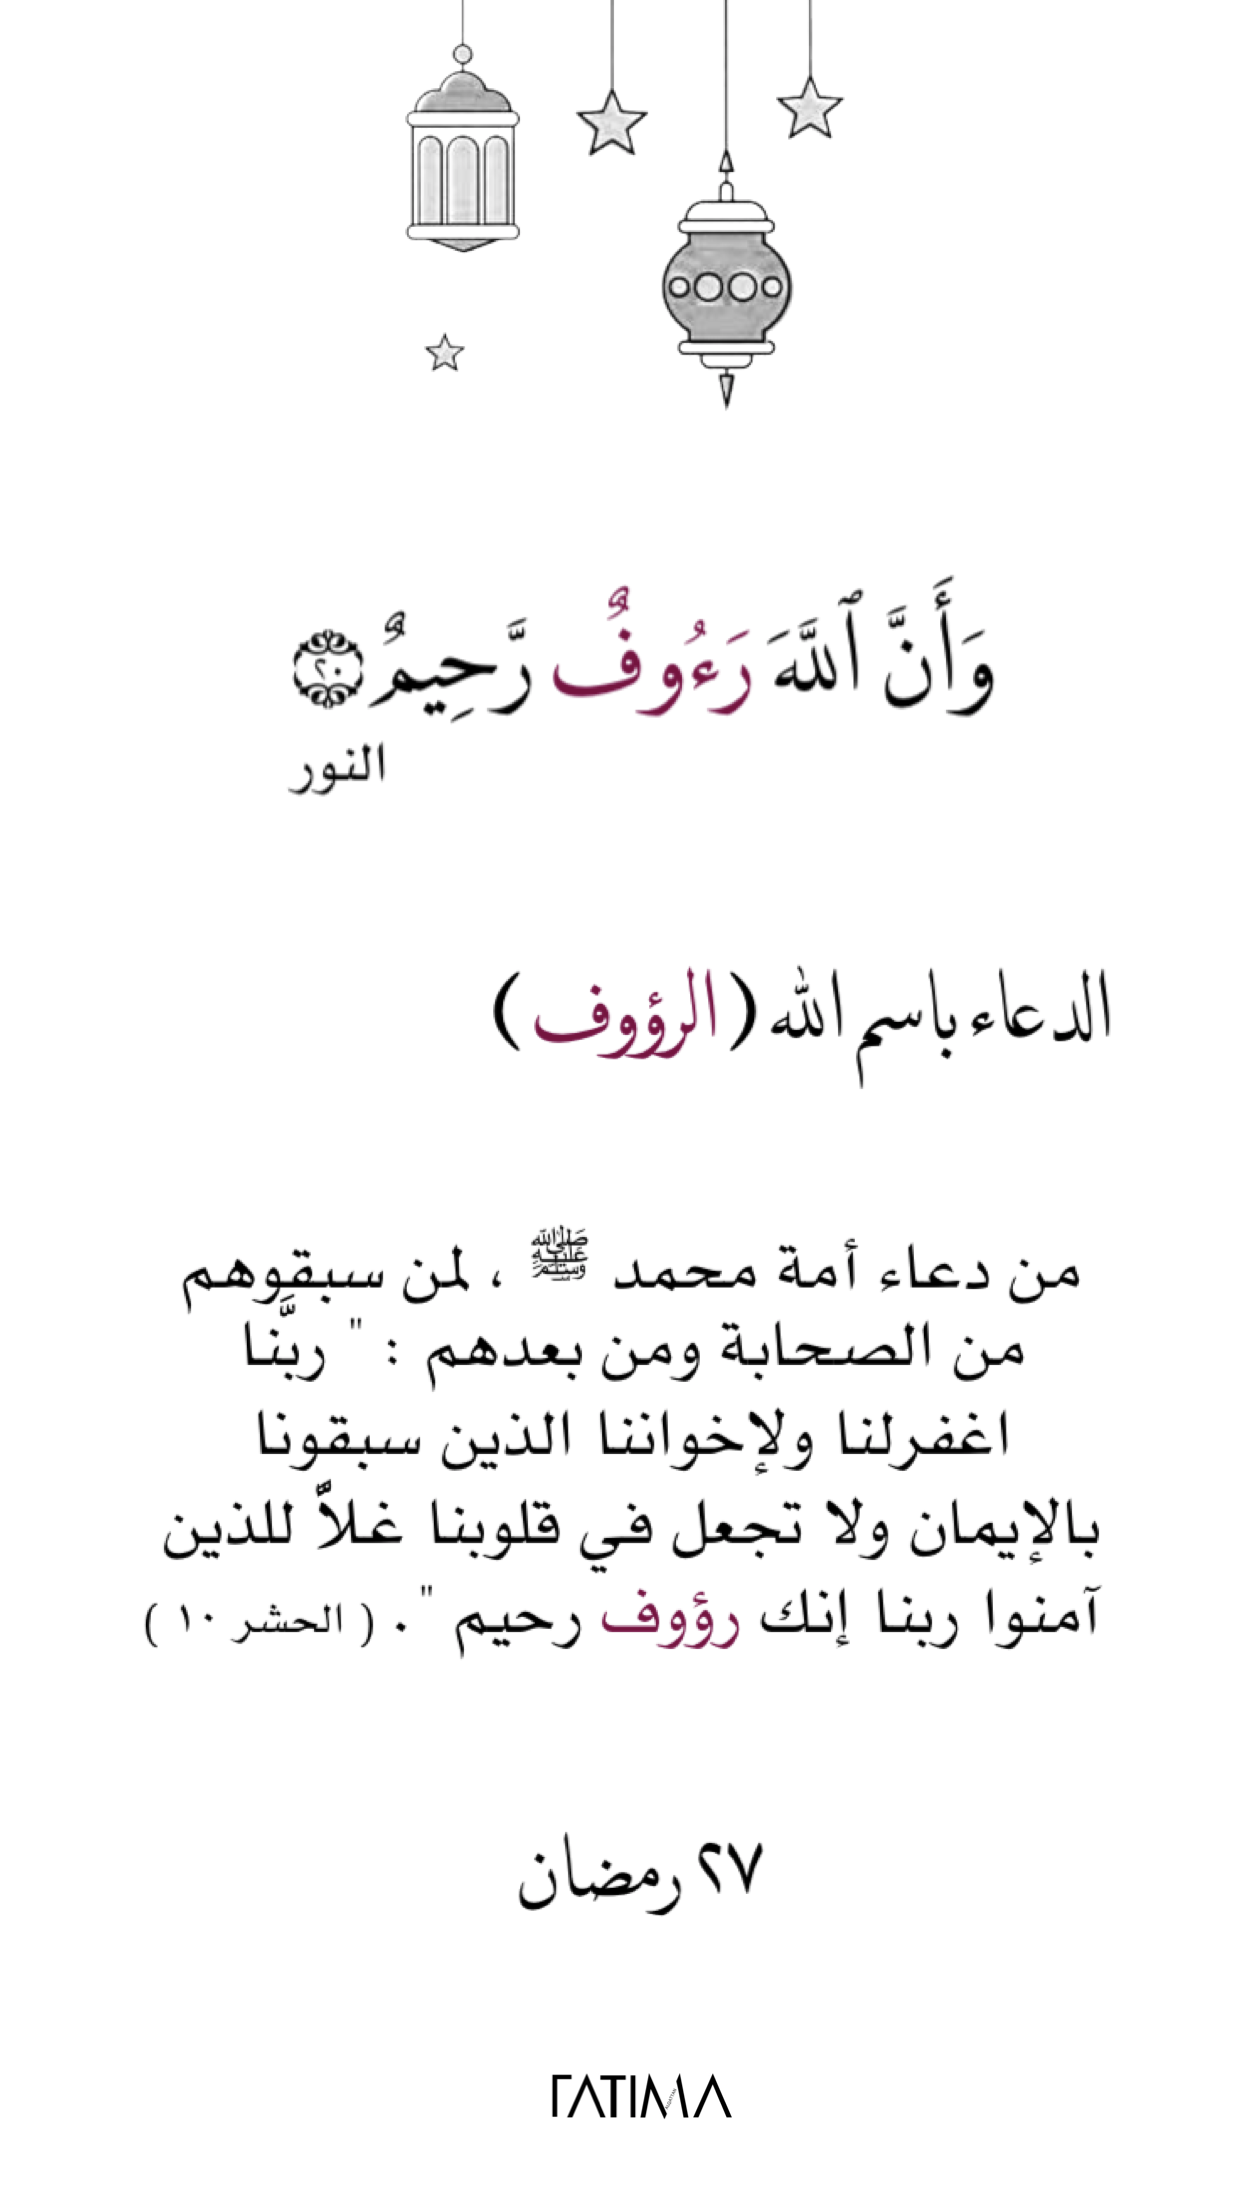 Ramadan Kareem رمضان دعاء ذكر Quran Verses Ramadan Prayers